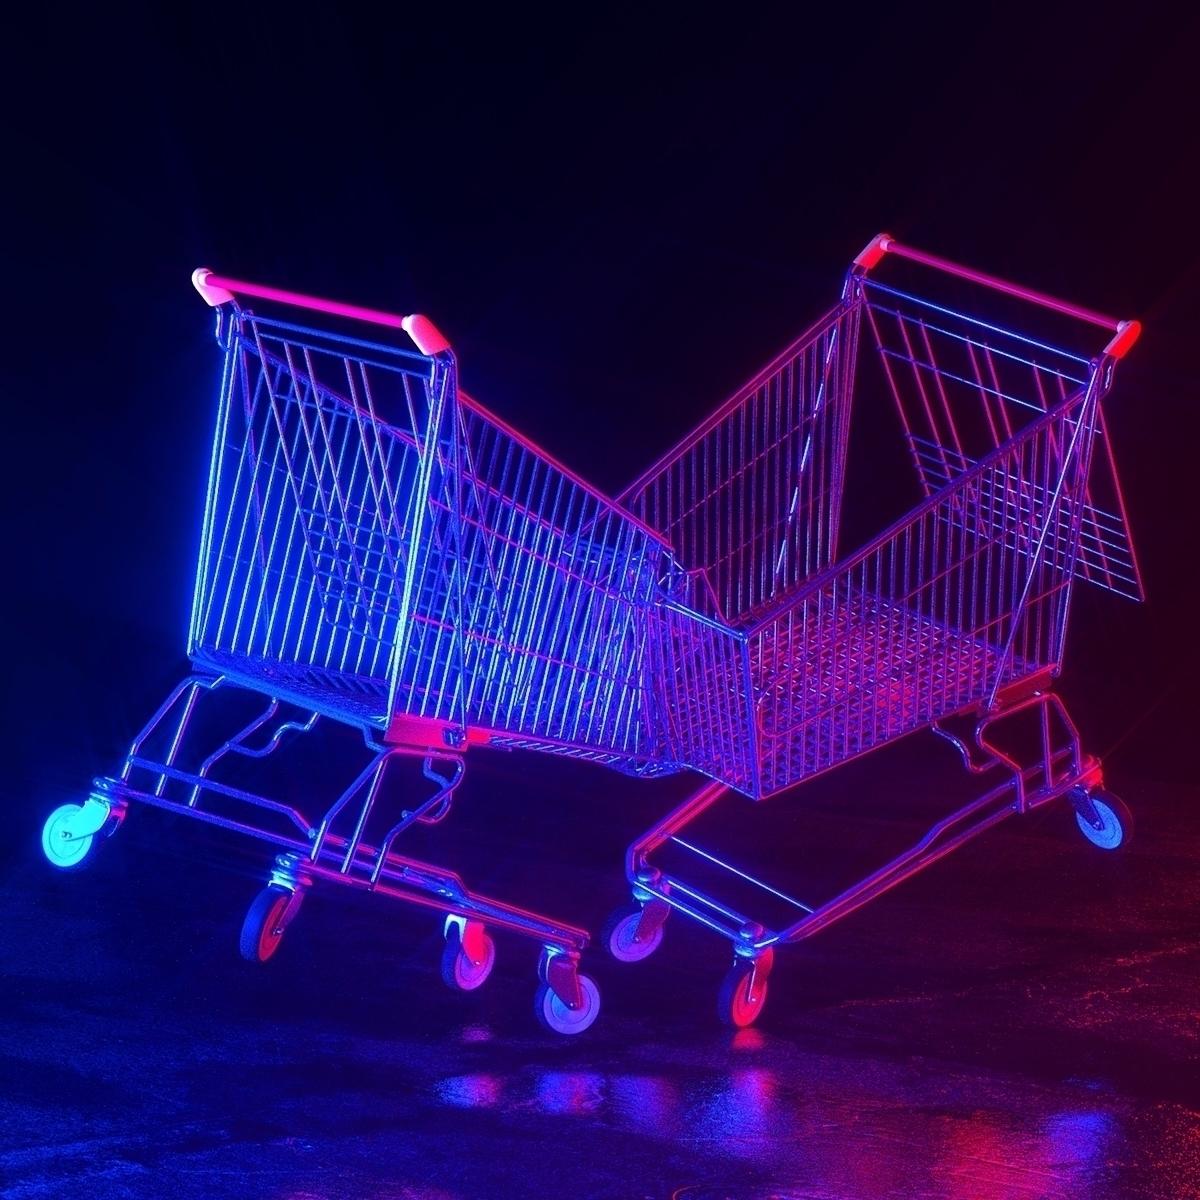 3D, Digital, Design, Art, Color - aaaronkaufman | ello